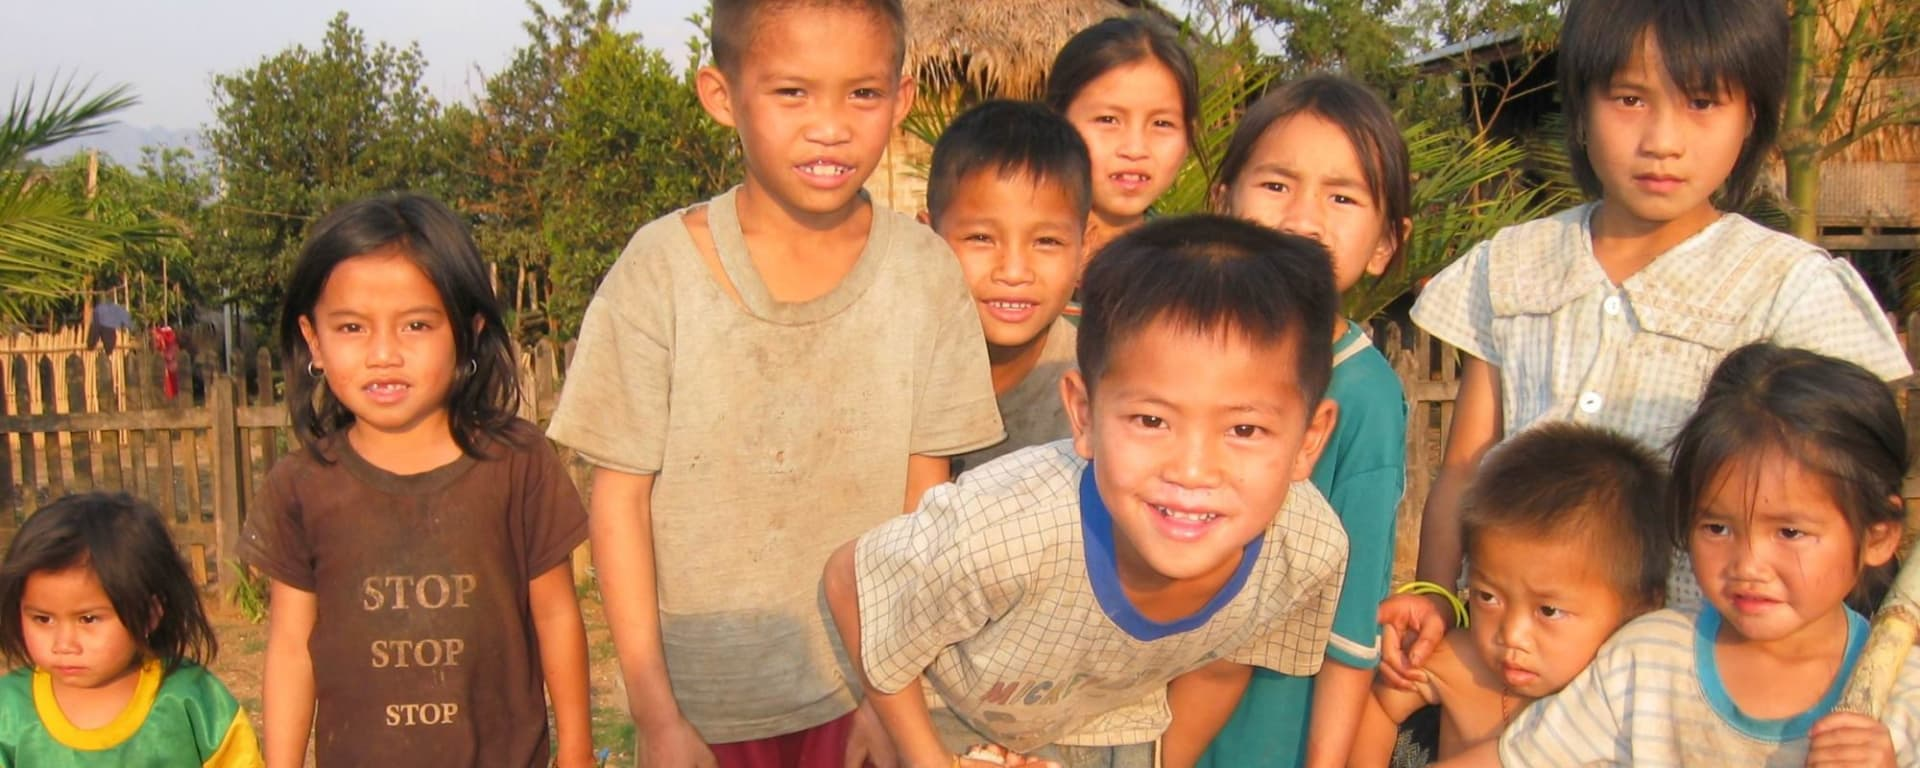 Traversée de Luang Prabang à Vientiane - 3 jours: Laos: curious kids in a village